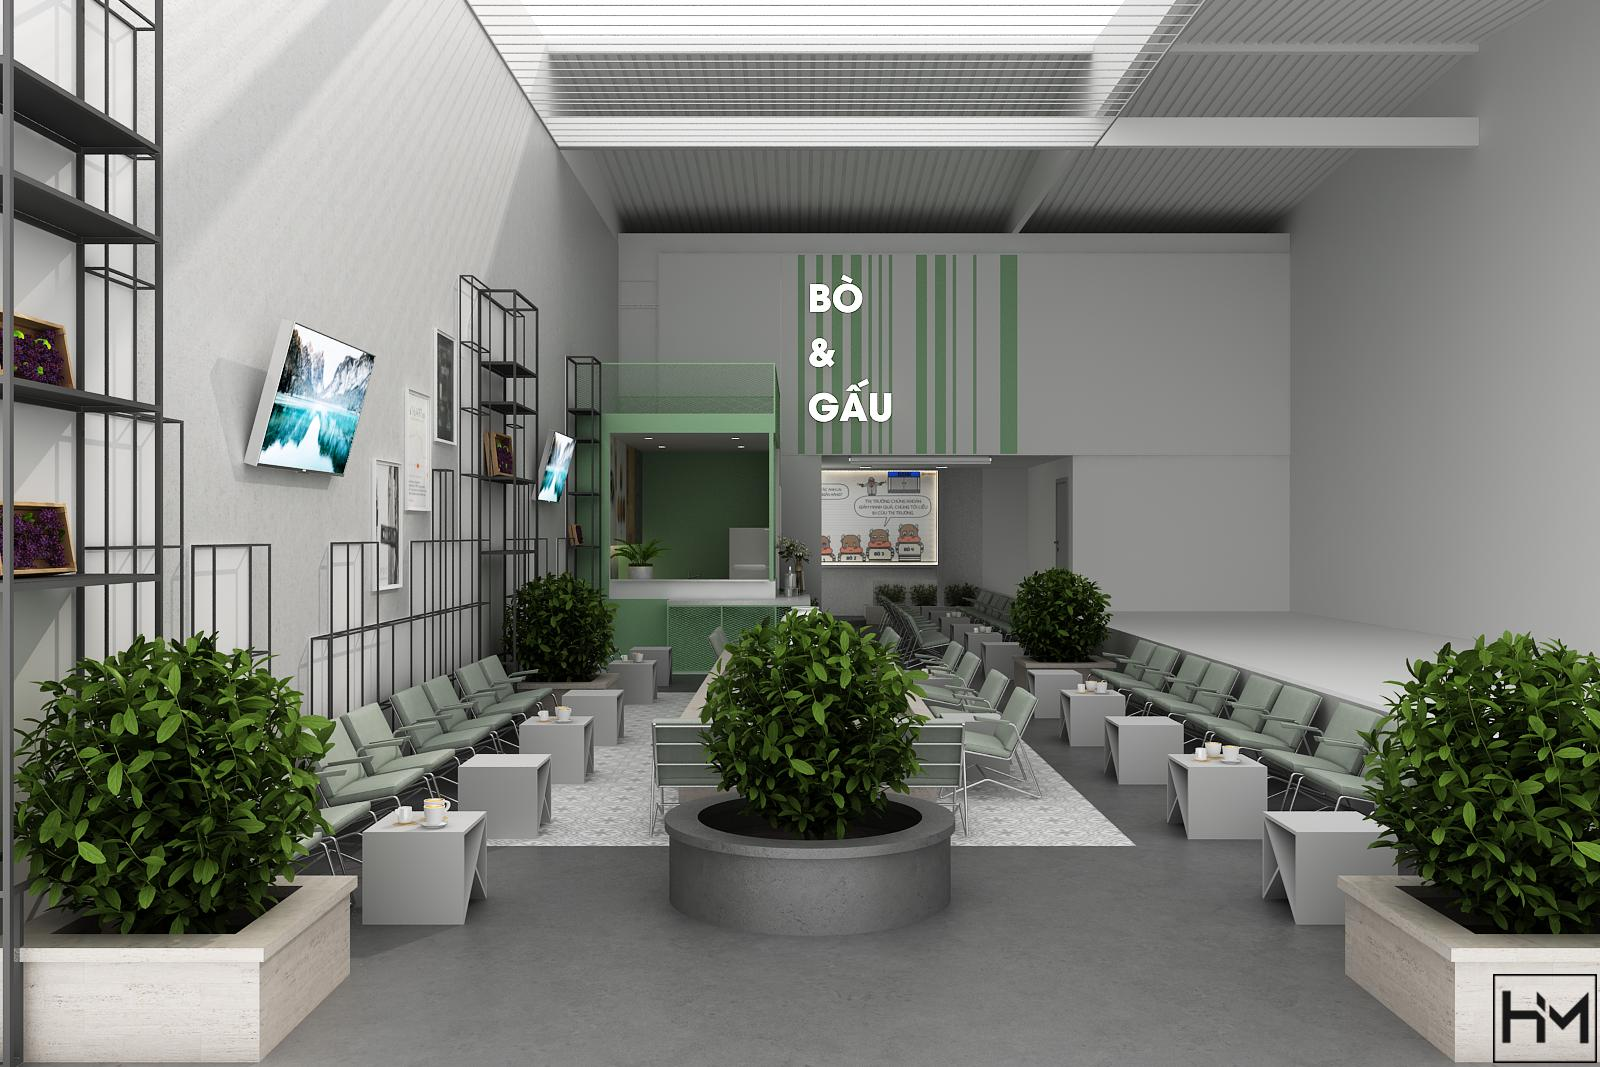 Thiết kế quán Bò & Gấu Coffee 180m2